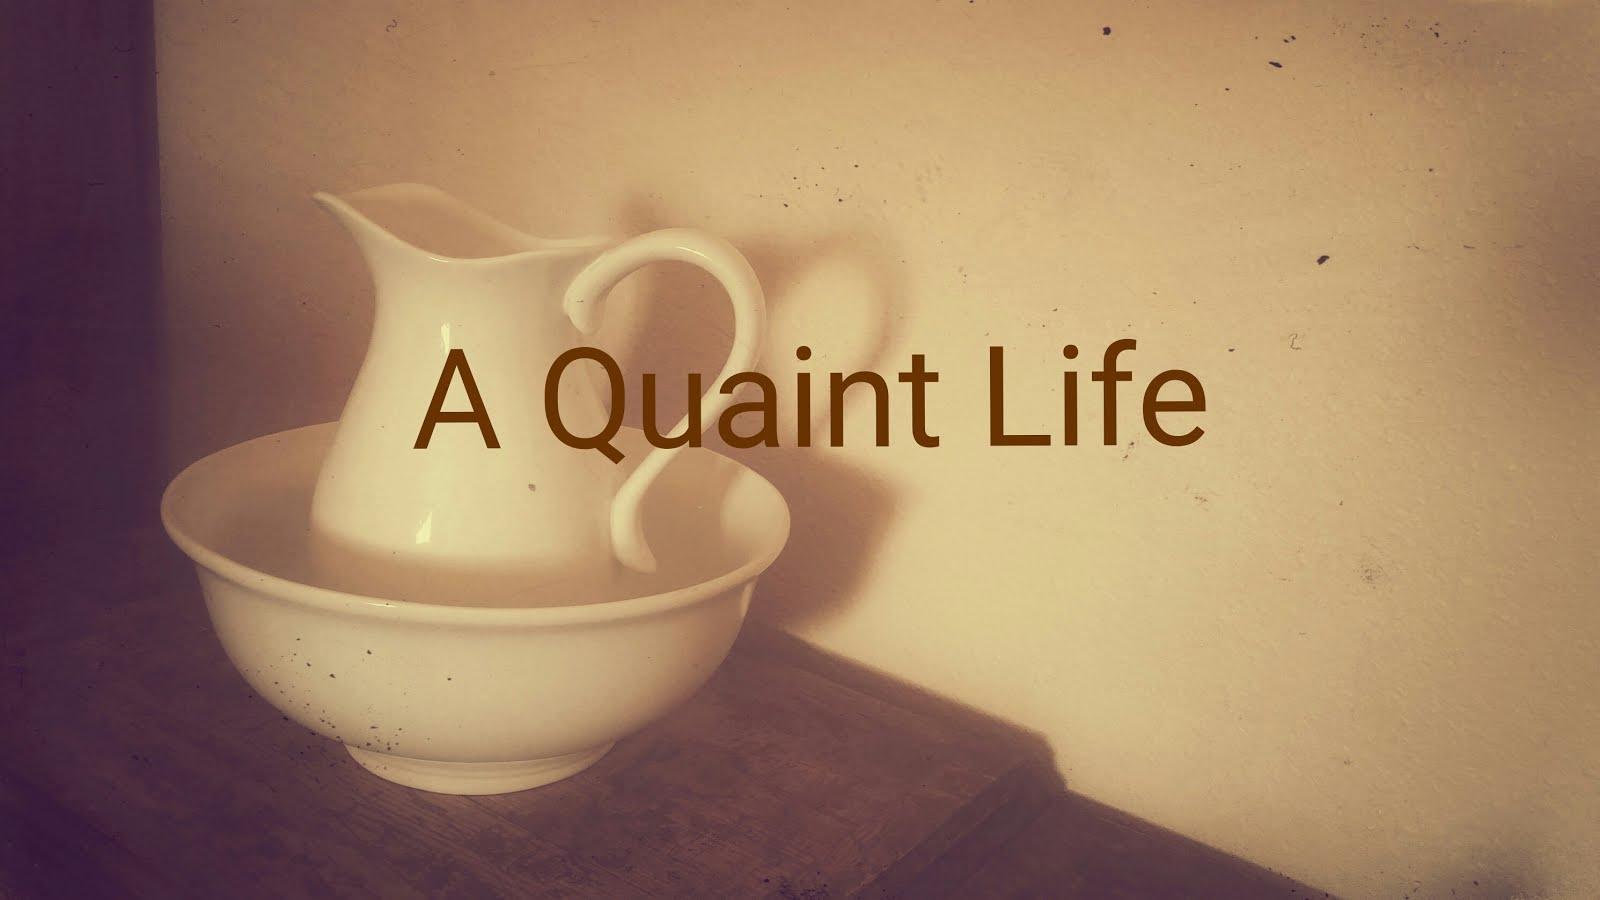 A Quaint Life Facebook